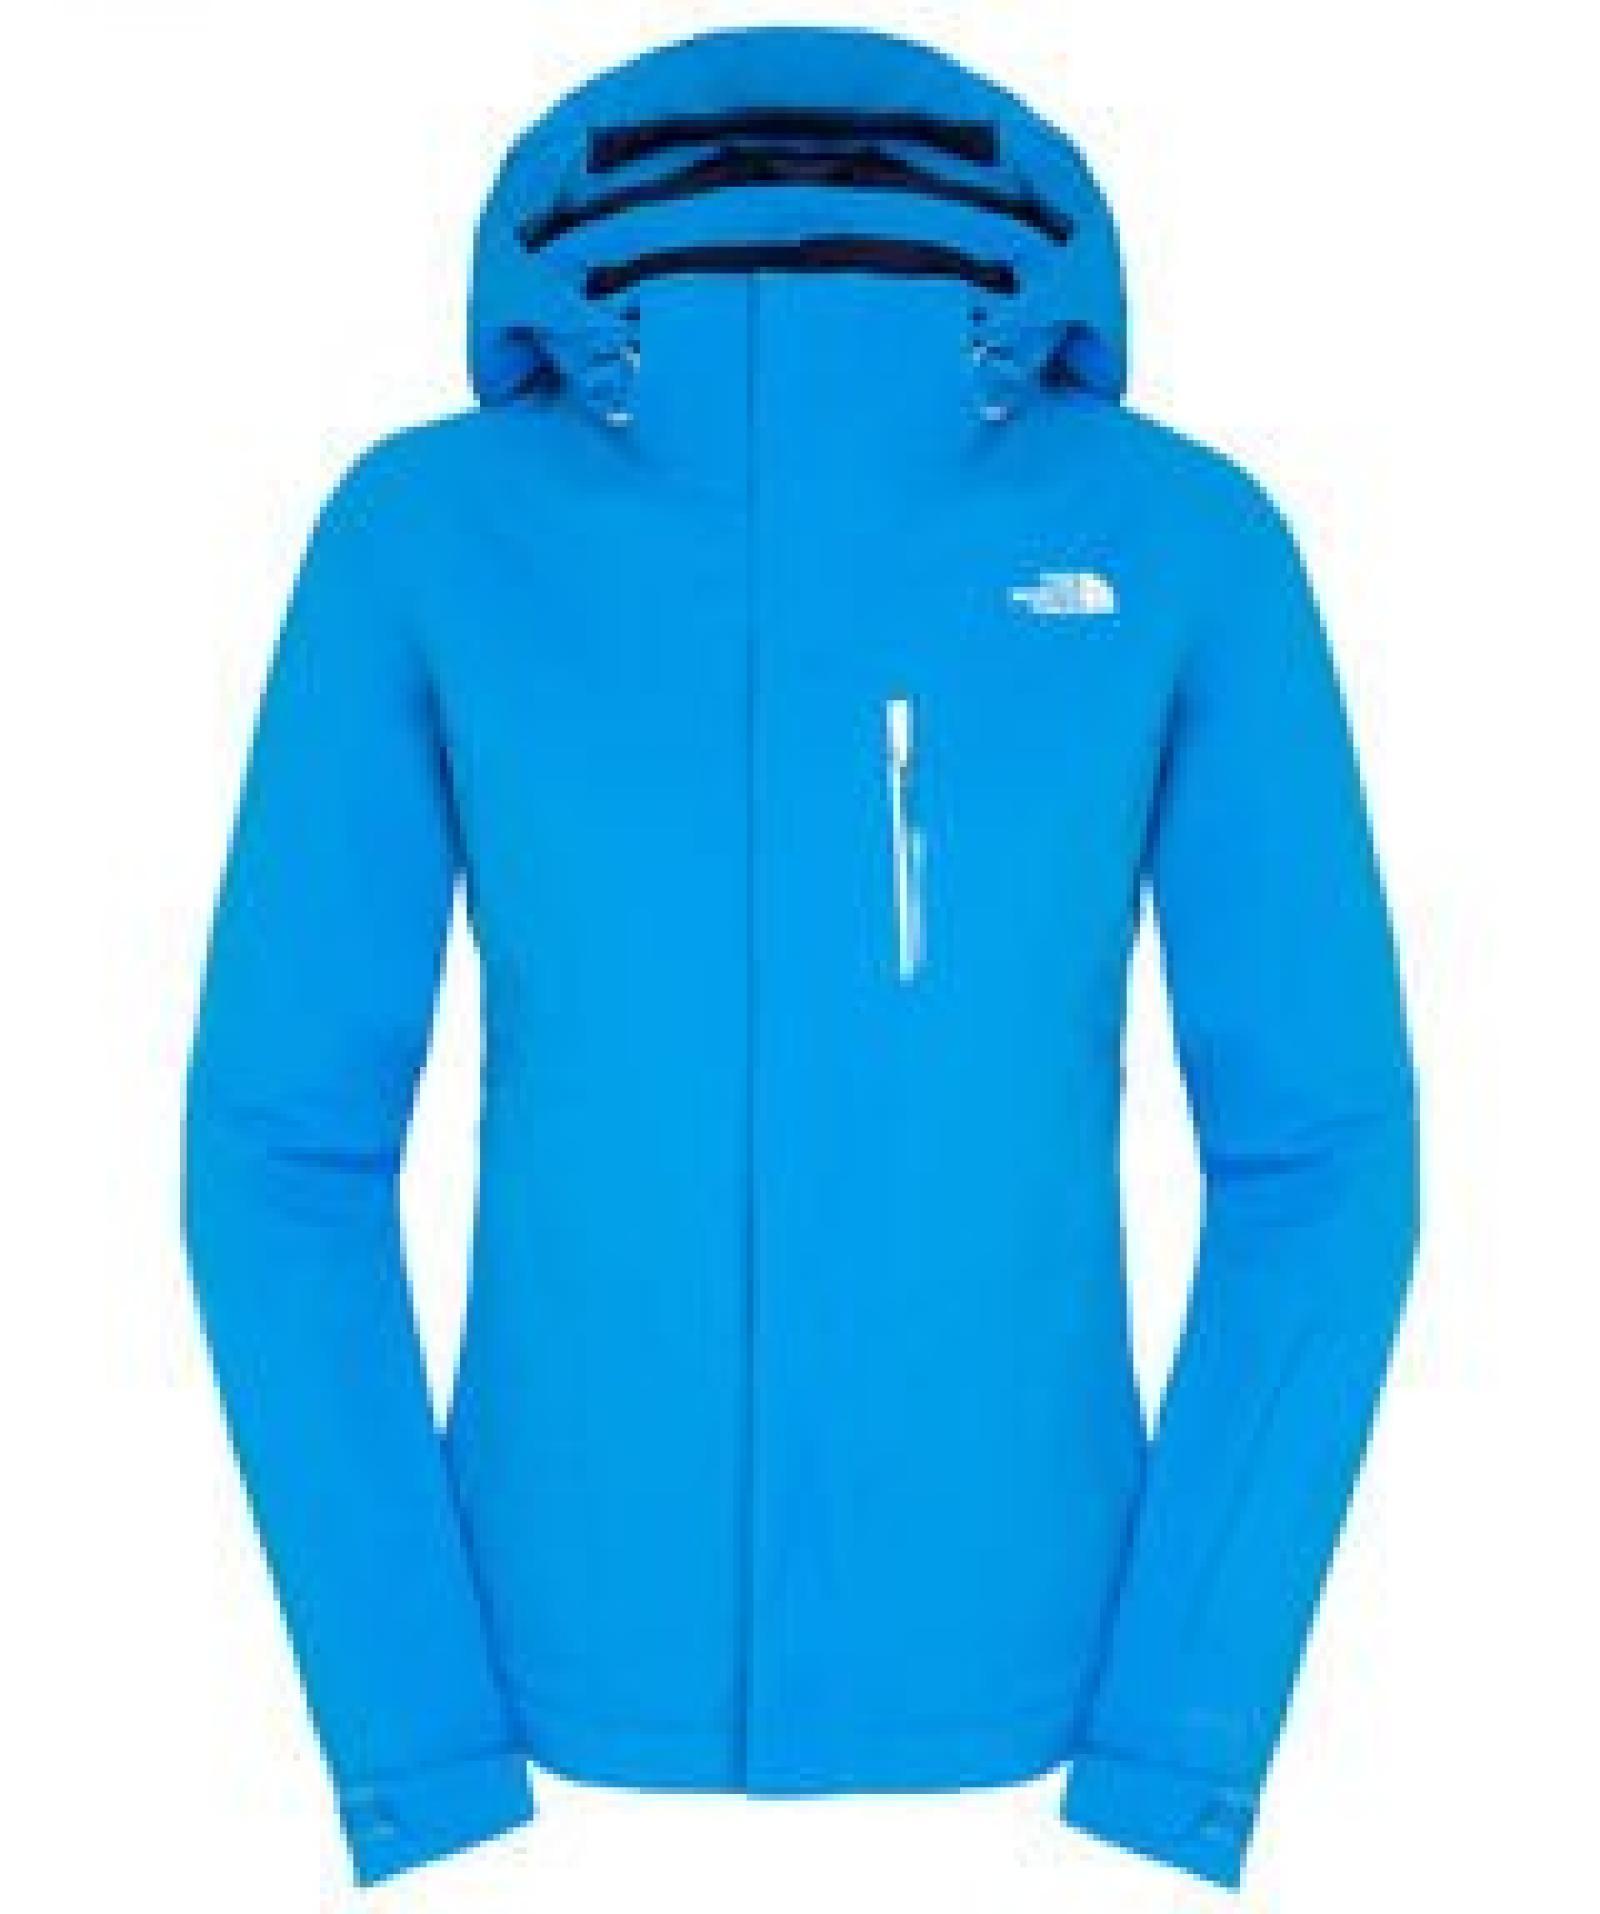 Damen Skijacke Jeppeson blue aster